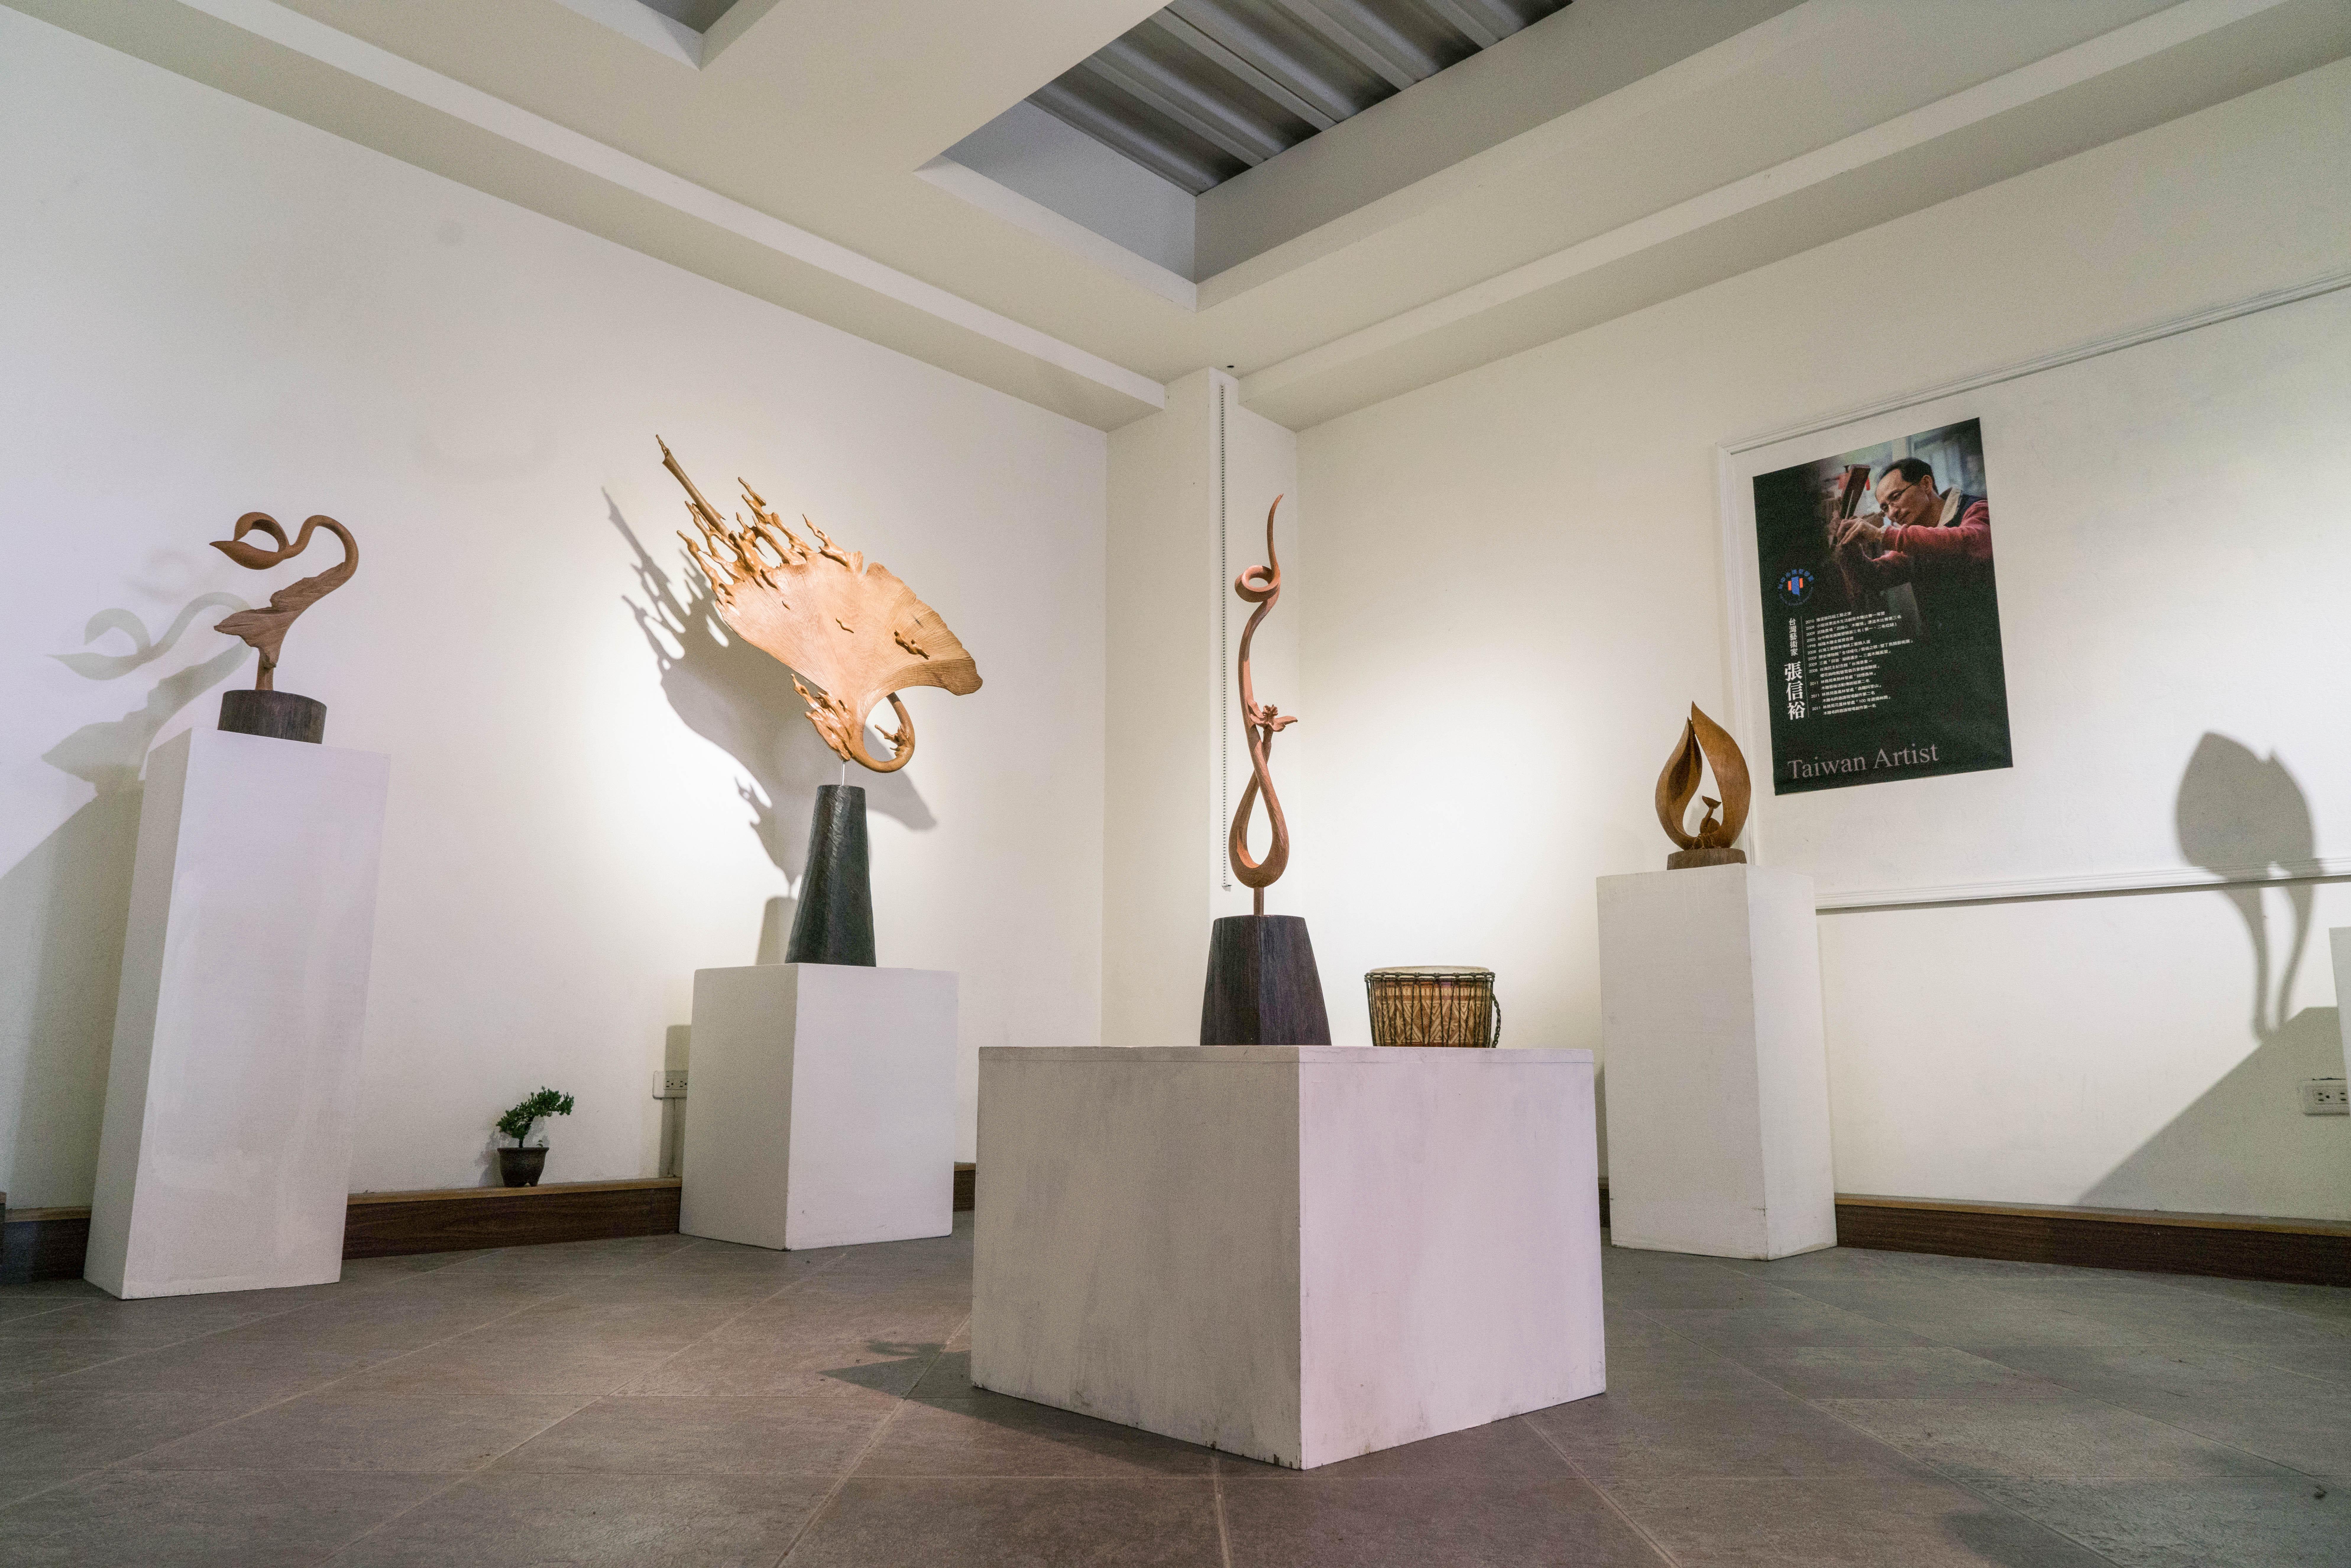 三義木彫博物館の內部